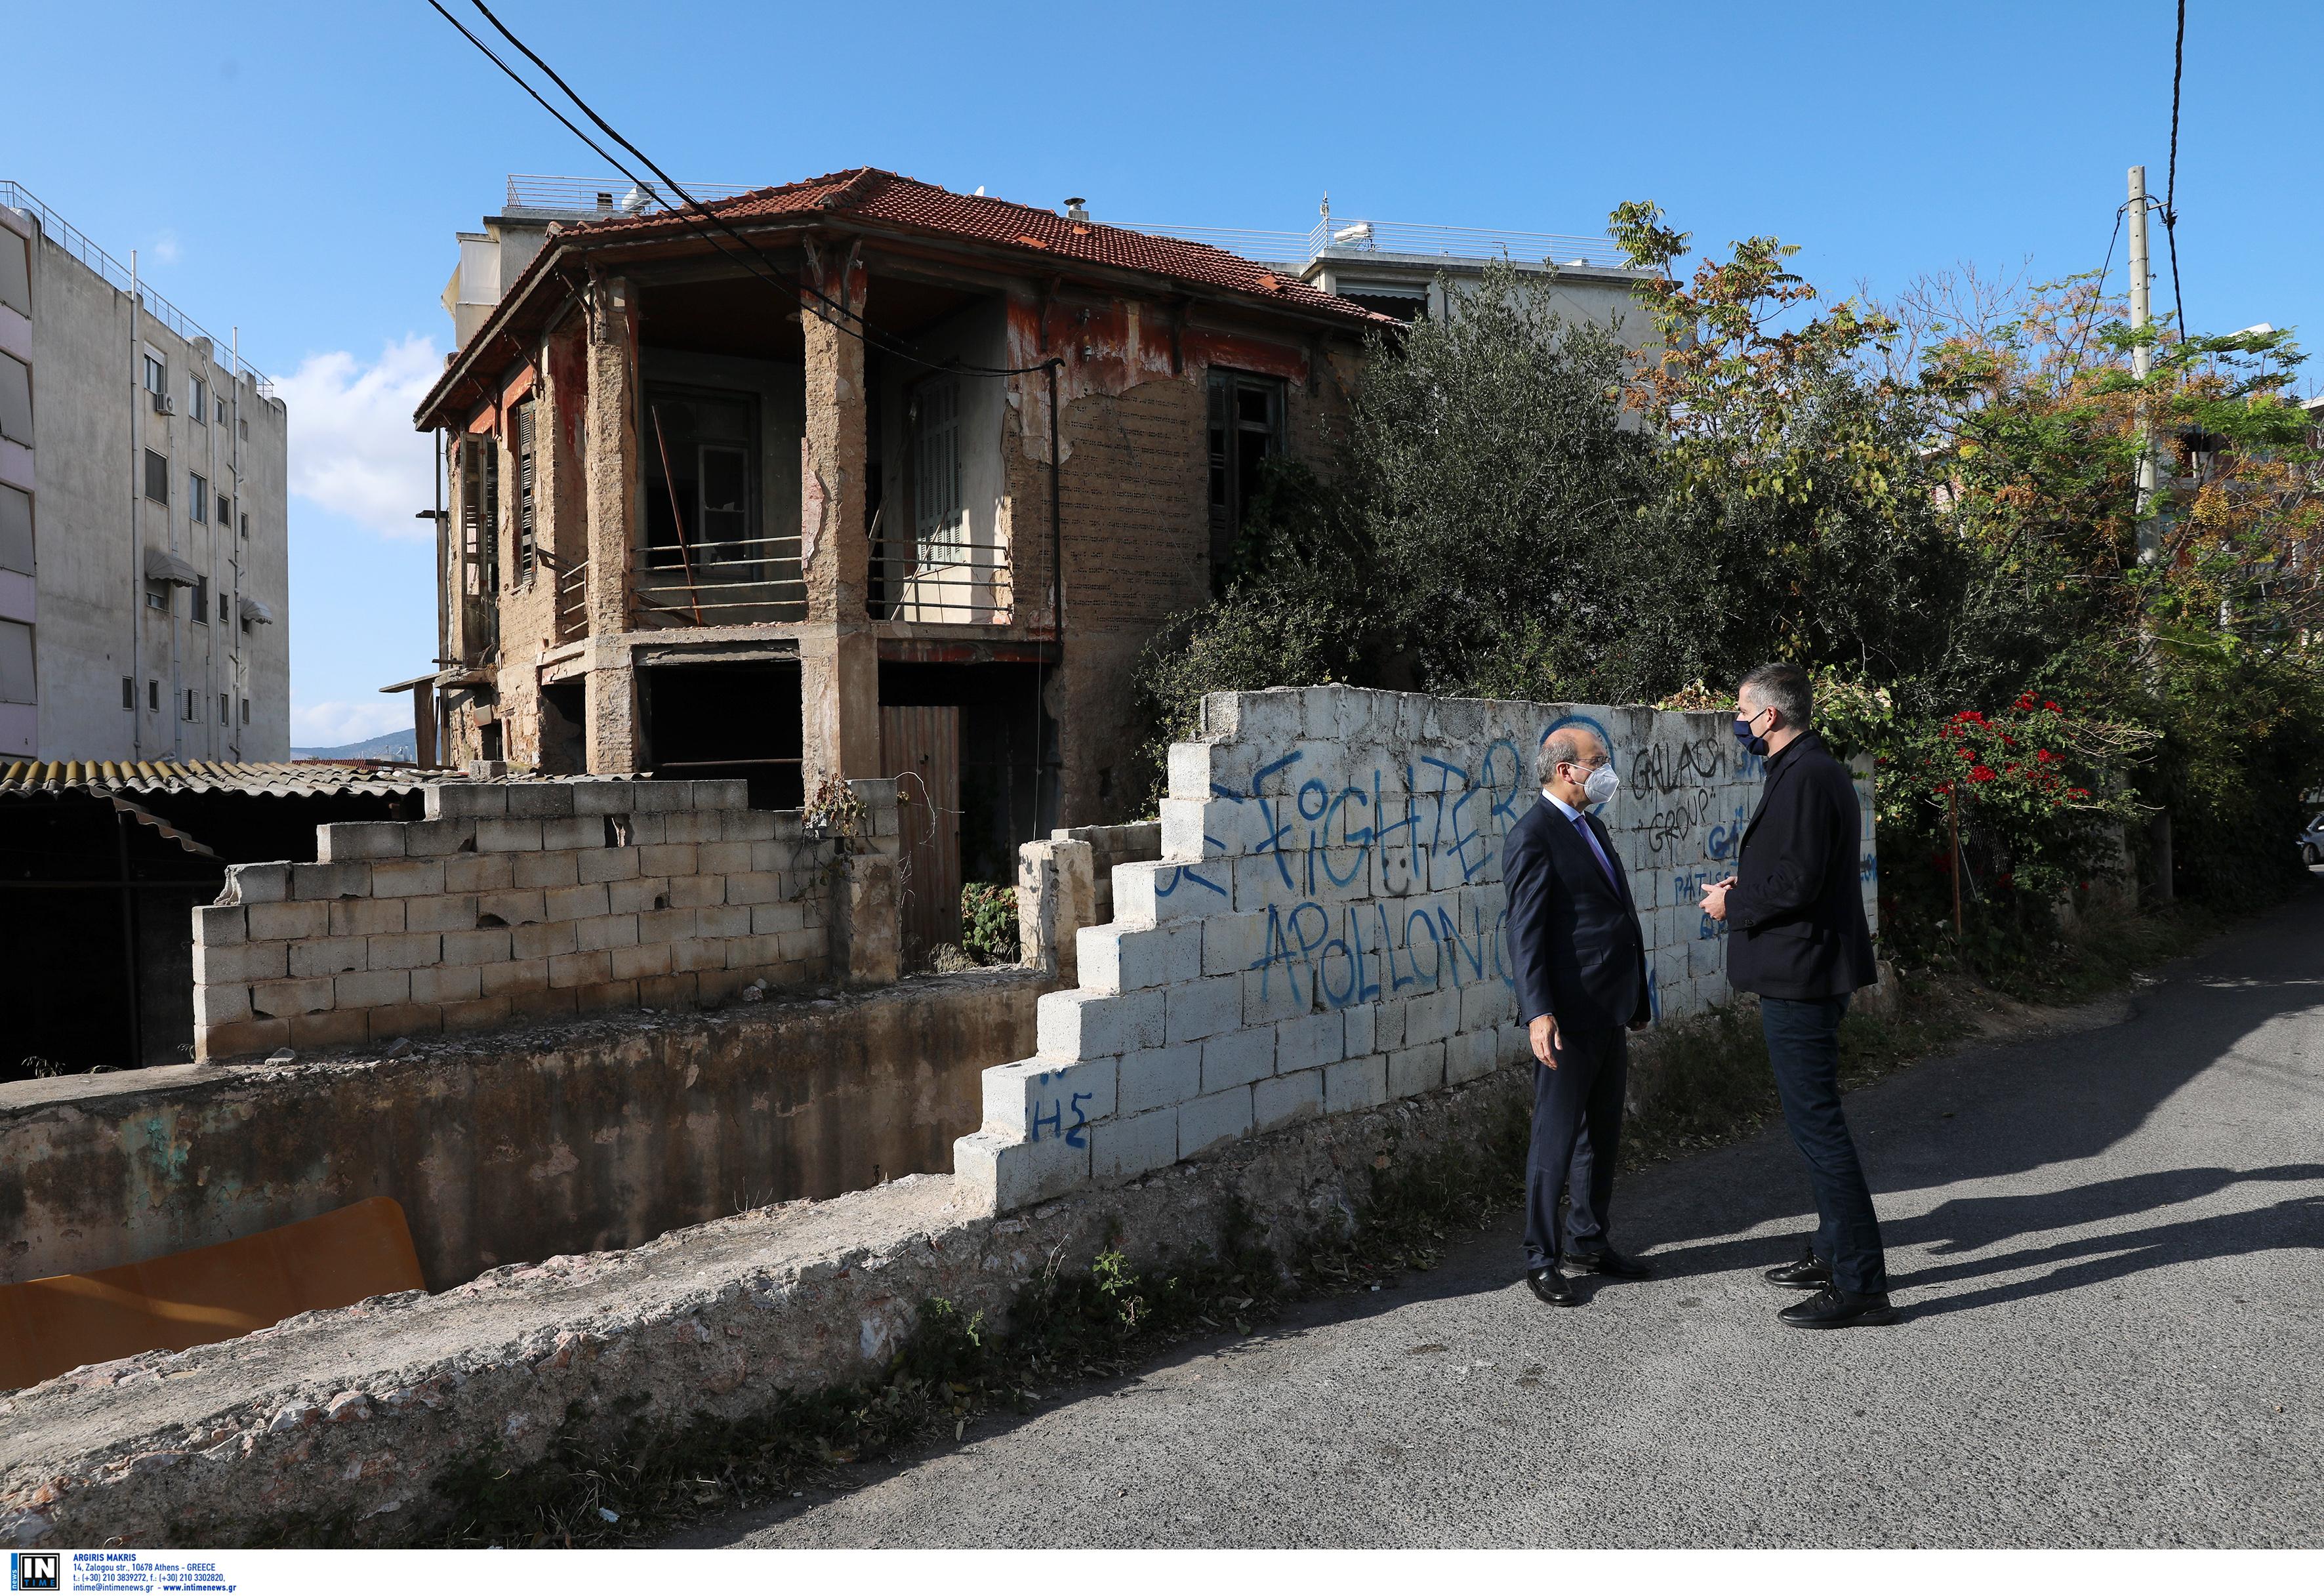 Ετοιμόρροπα κτίρια: Αυτοψία στην Αθήνα – Αντιμετώπιση σε όλη τη χώρα